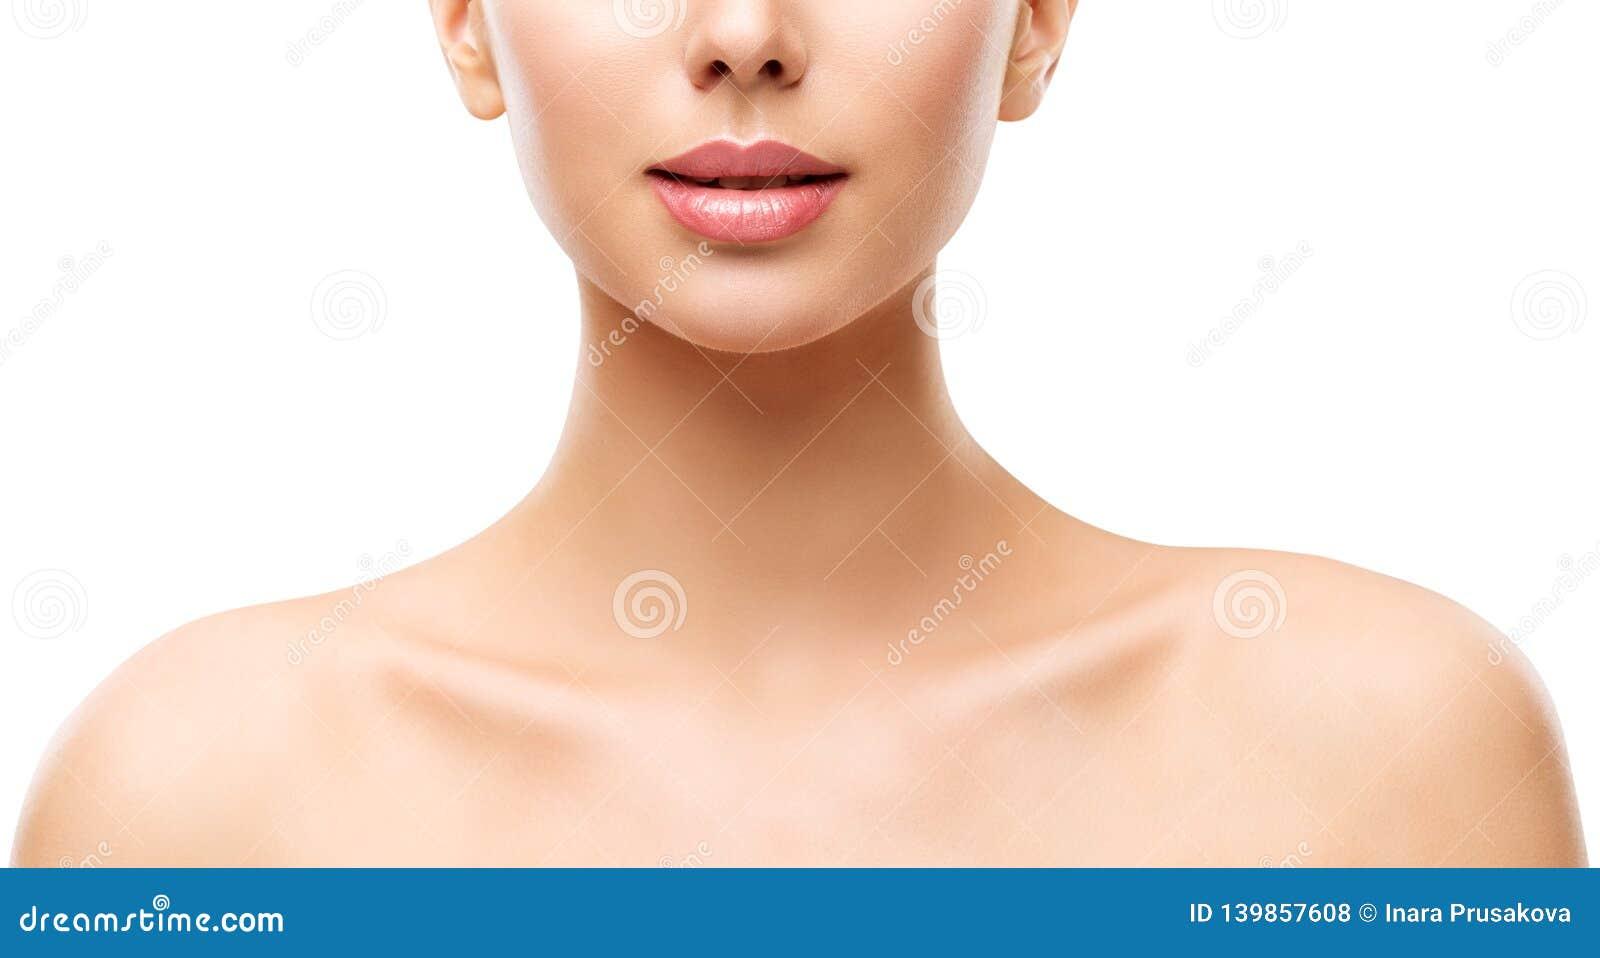 Face Lips Neck do cuidados com a pele da beleza da mulher, o modelo e ombros no branco